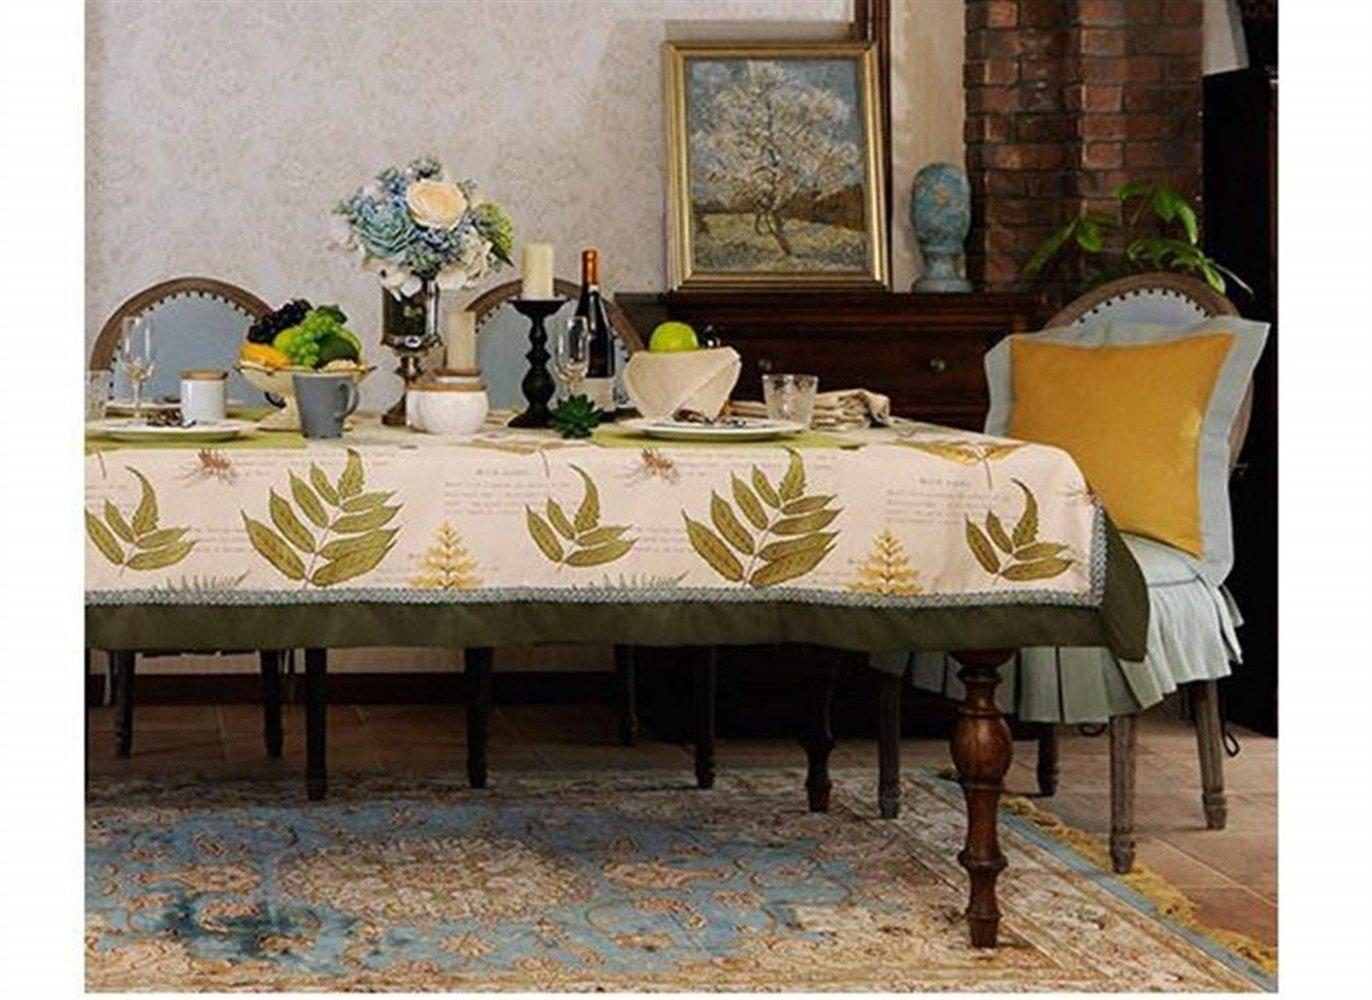 テーブルクロスマット テーブルクロス綿とリネンの葉、ジャカード丸テーブルクロスカバー布コーヒーテーブルクロス快適 ホームデコレーション (色 : 170*170cm, サイズ : A) A 170*170cm B07QLT4LSM